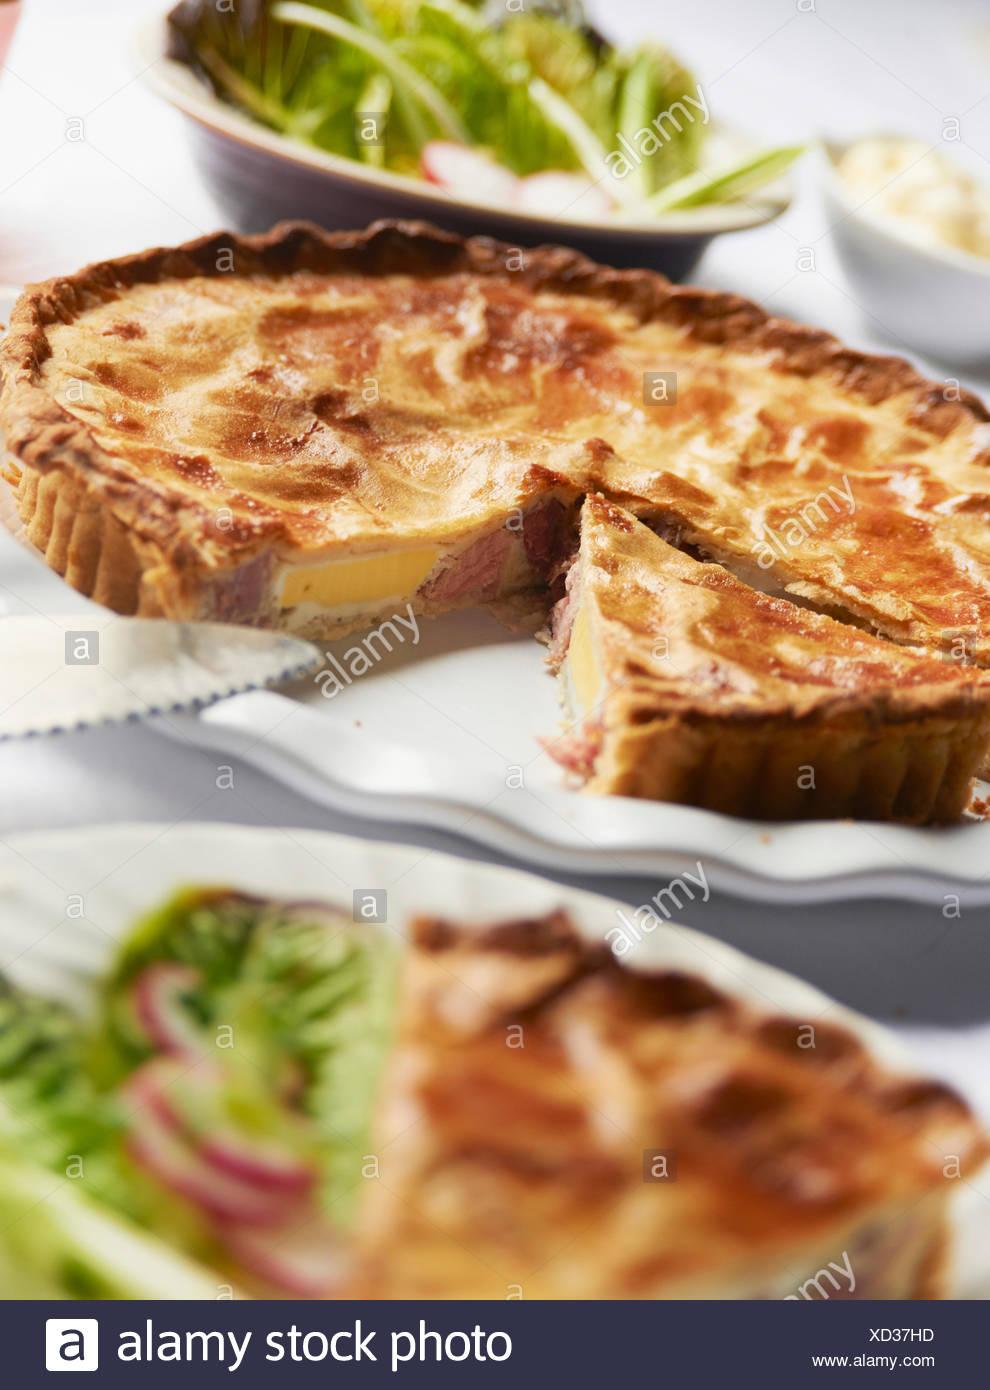 Tarta casera de jamón y huevo en la placa Imagen De Stock